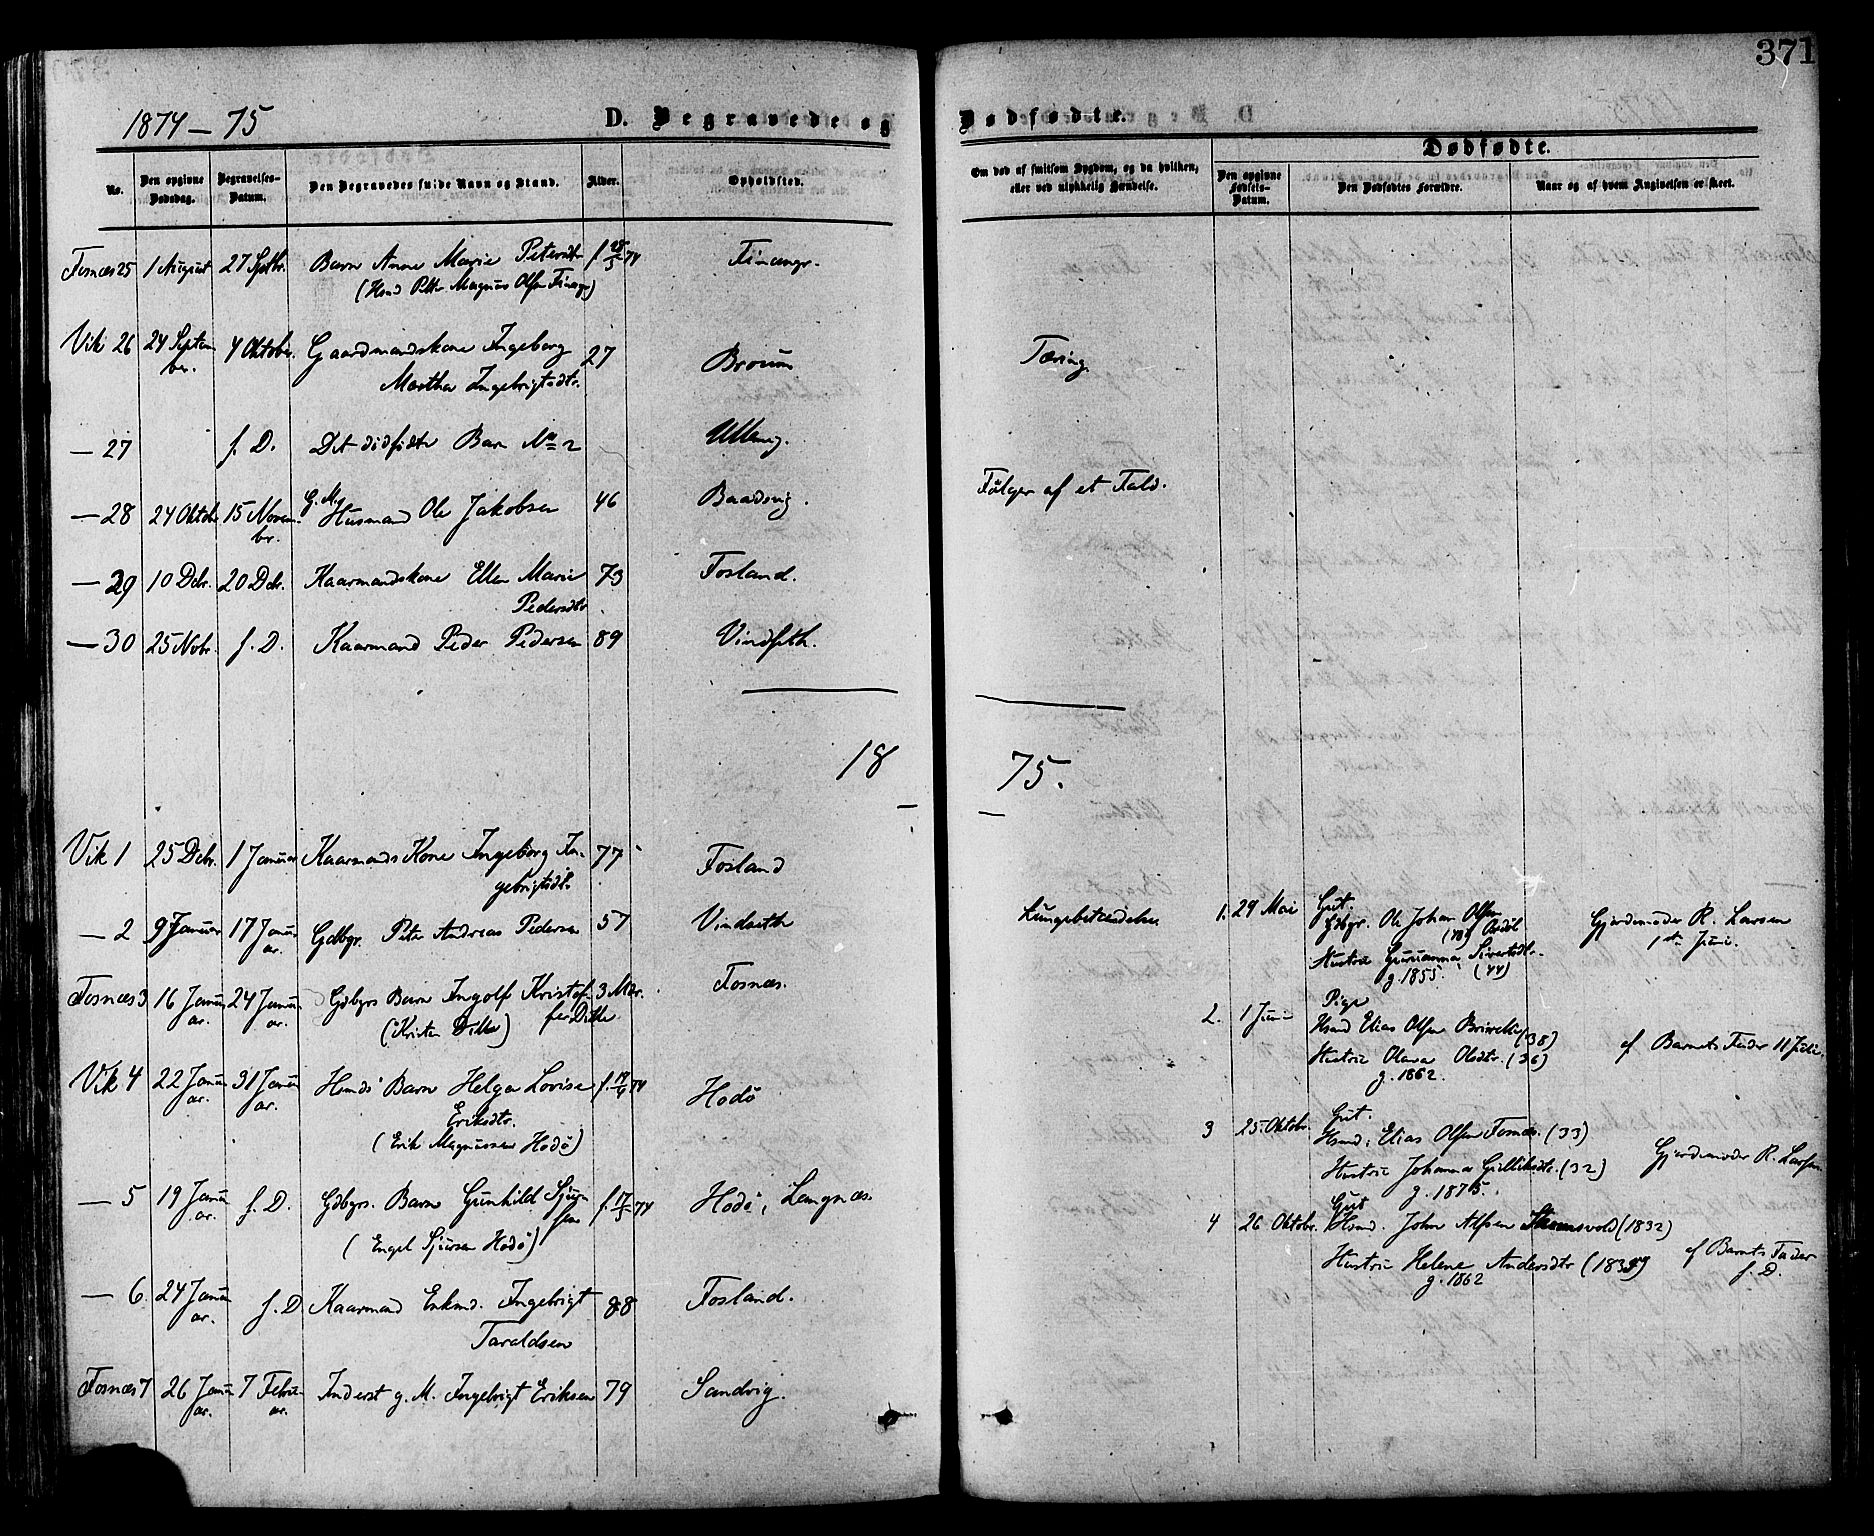 SAT, Ministerialprotokoller, klokkerbøker og fødselsregistre - Nord-Trøndelag, 773/L0616: Ministerialbok nr. 773A07, 1870-1887, s. 371